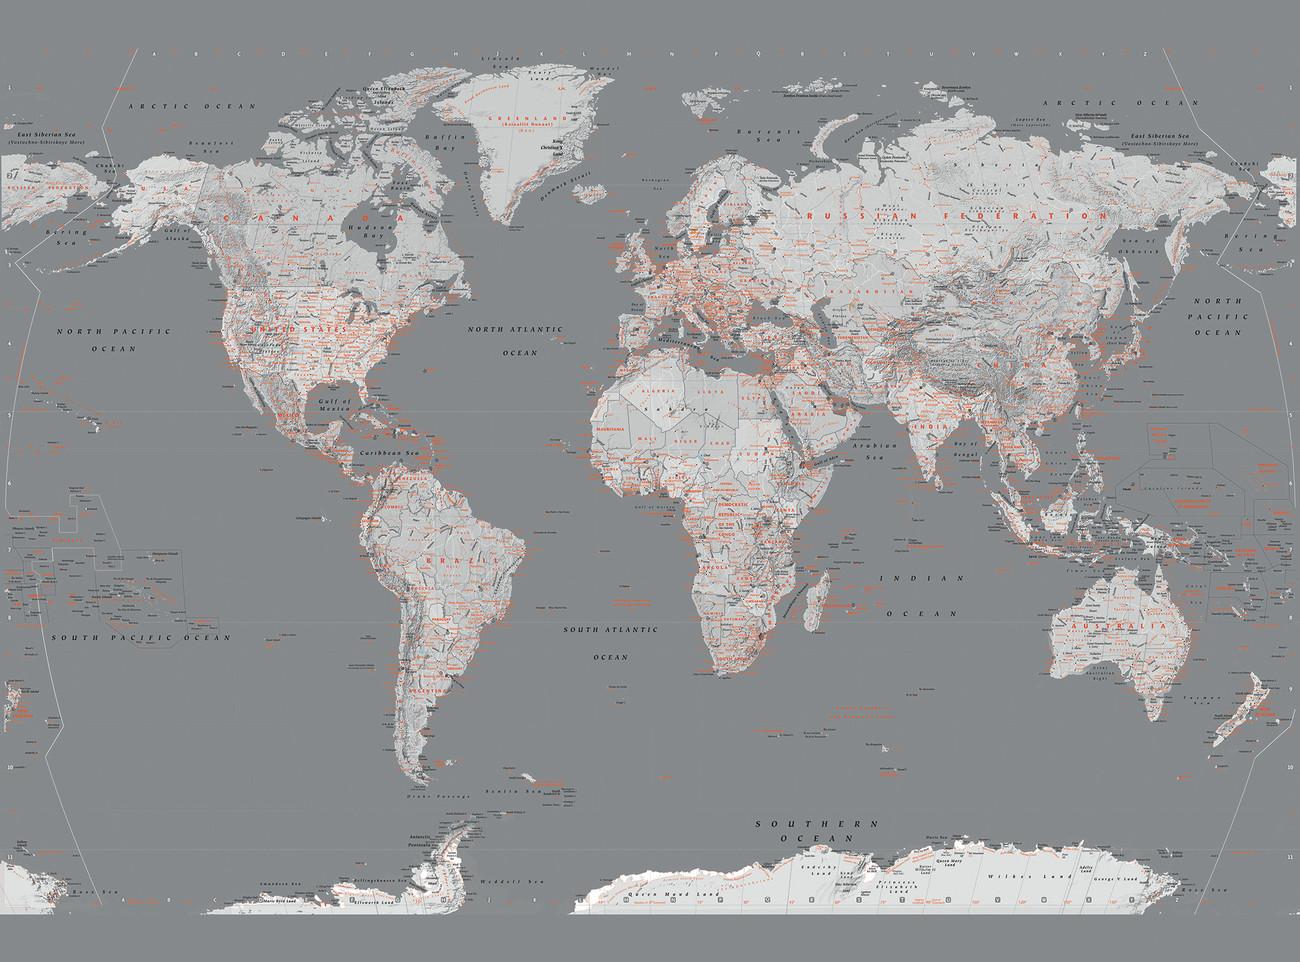 Carta da parati mappa del mondo argento e arancio for Carta parati argento